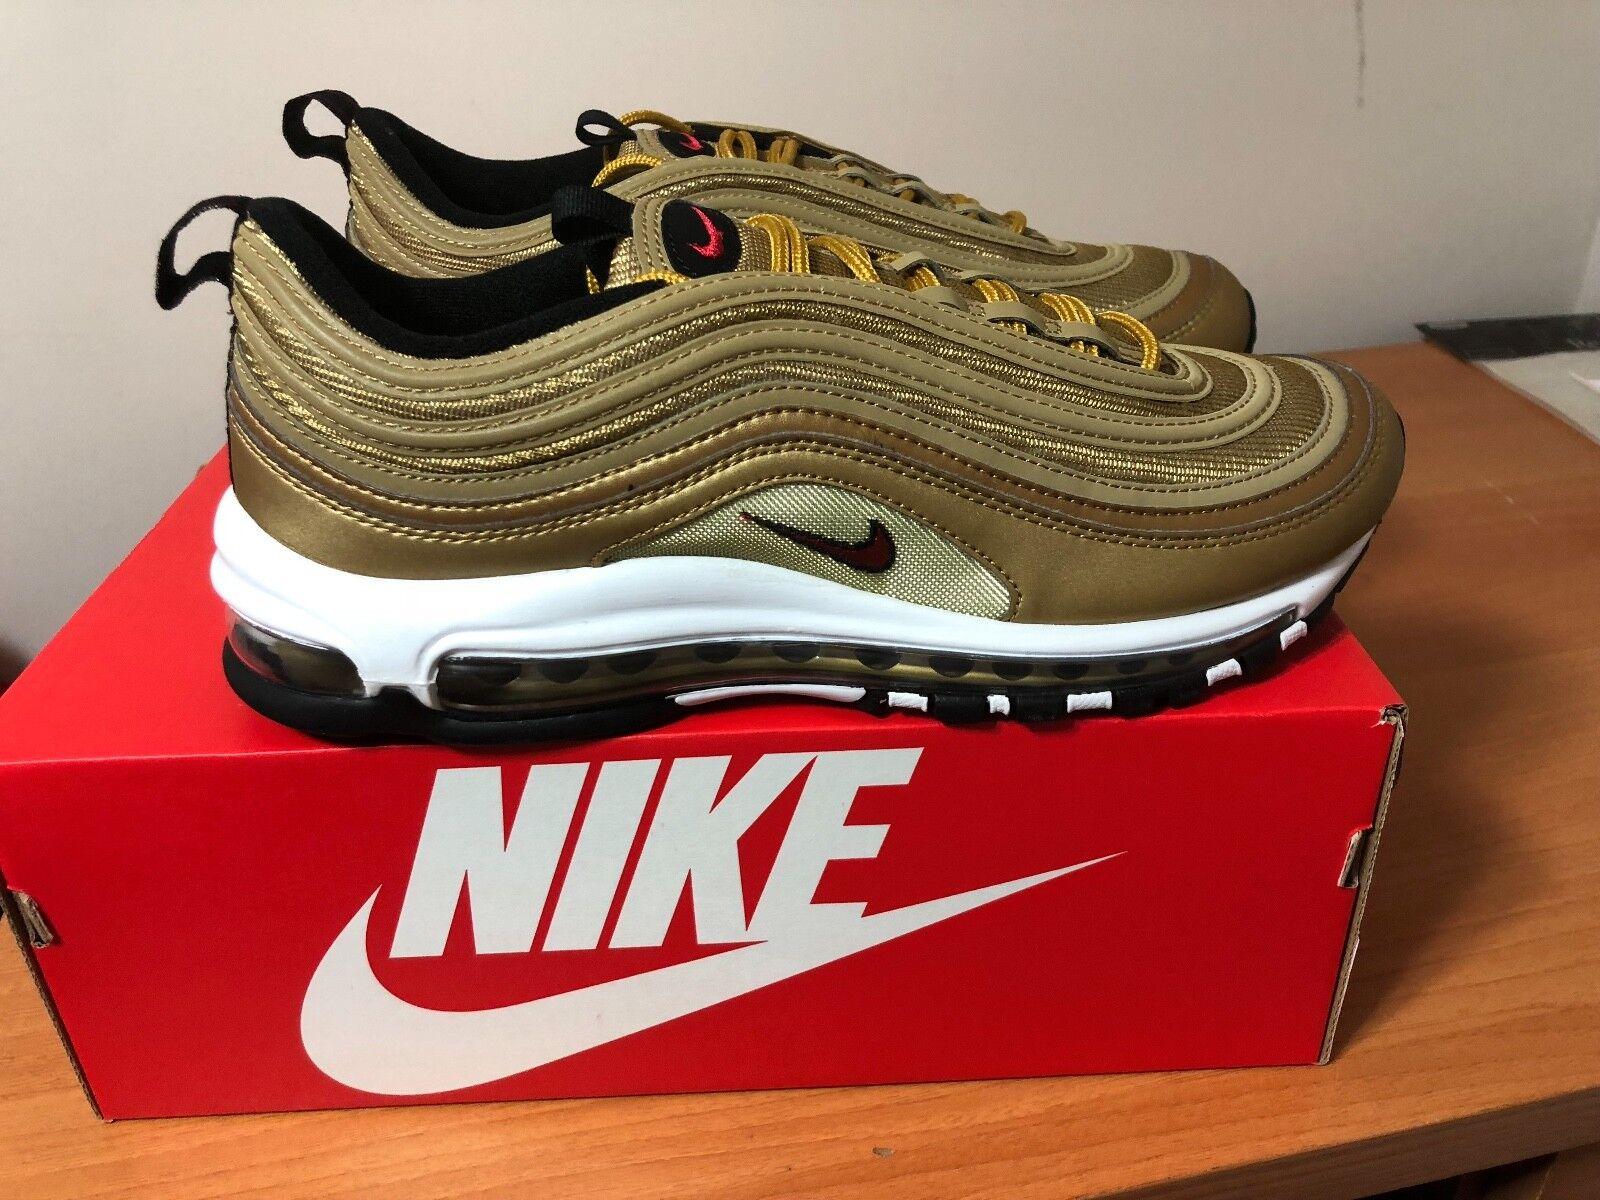 wholesale dealer 9bff7 ca727 ... Nike Mens Air Max 97 ...